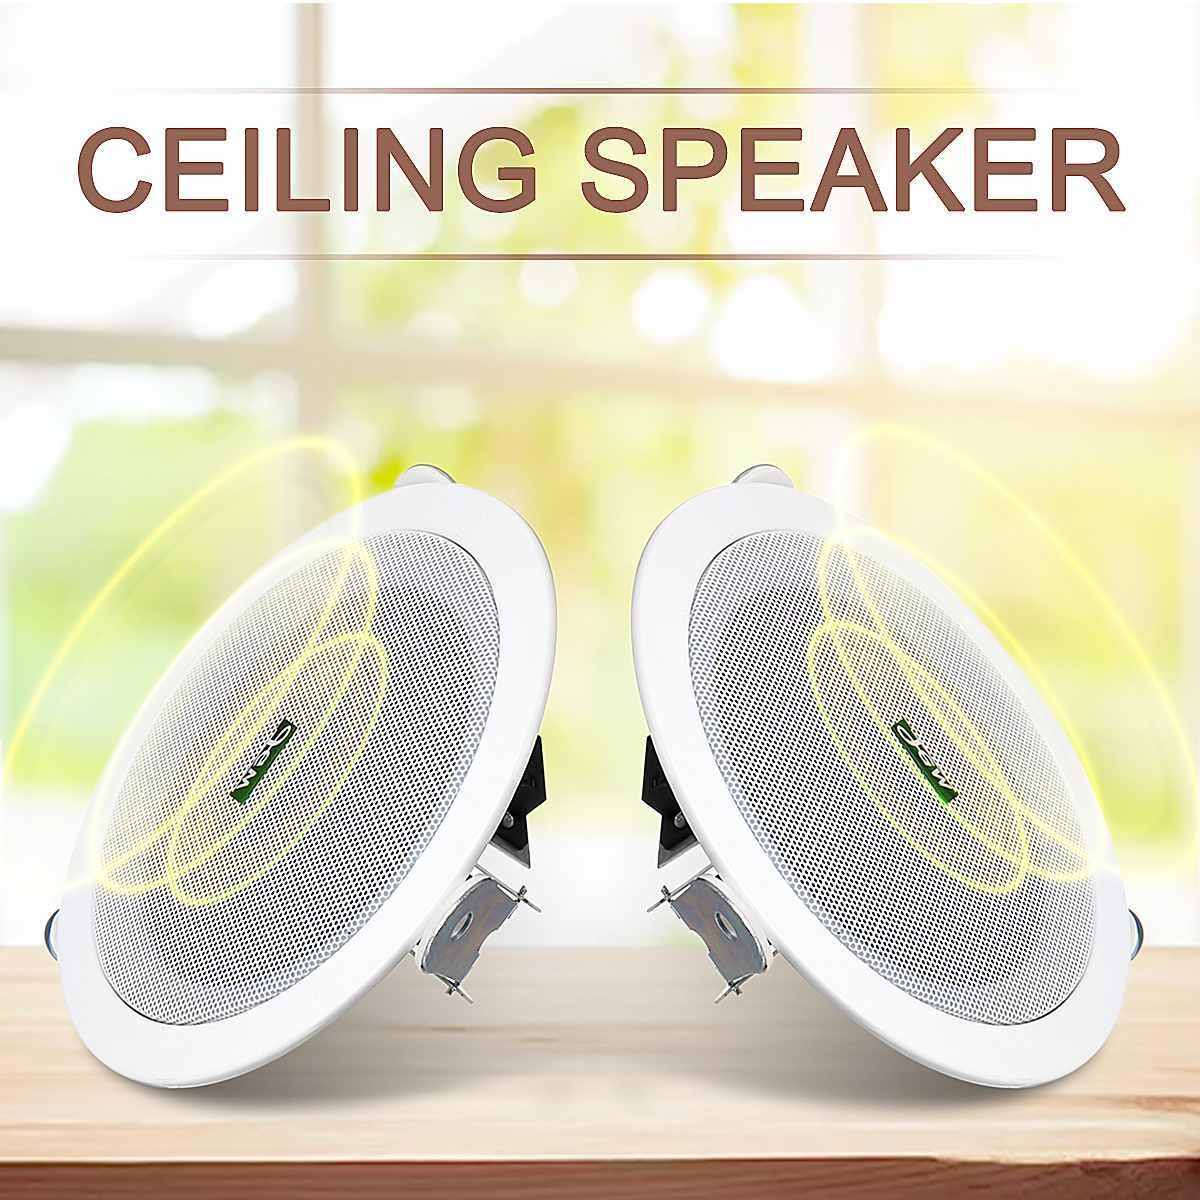 1 Pair 5 cal Audio Stereo głośnik kompaktowy odporny na wilgoć głośnik sufitowy domu tle system muzyczny samochodów łódź głośnik